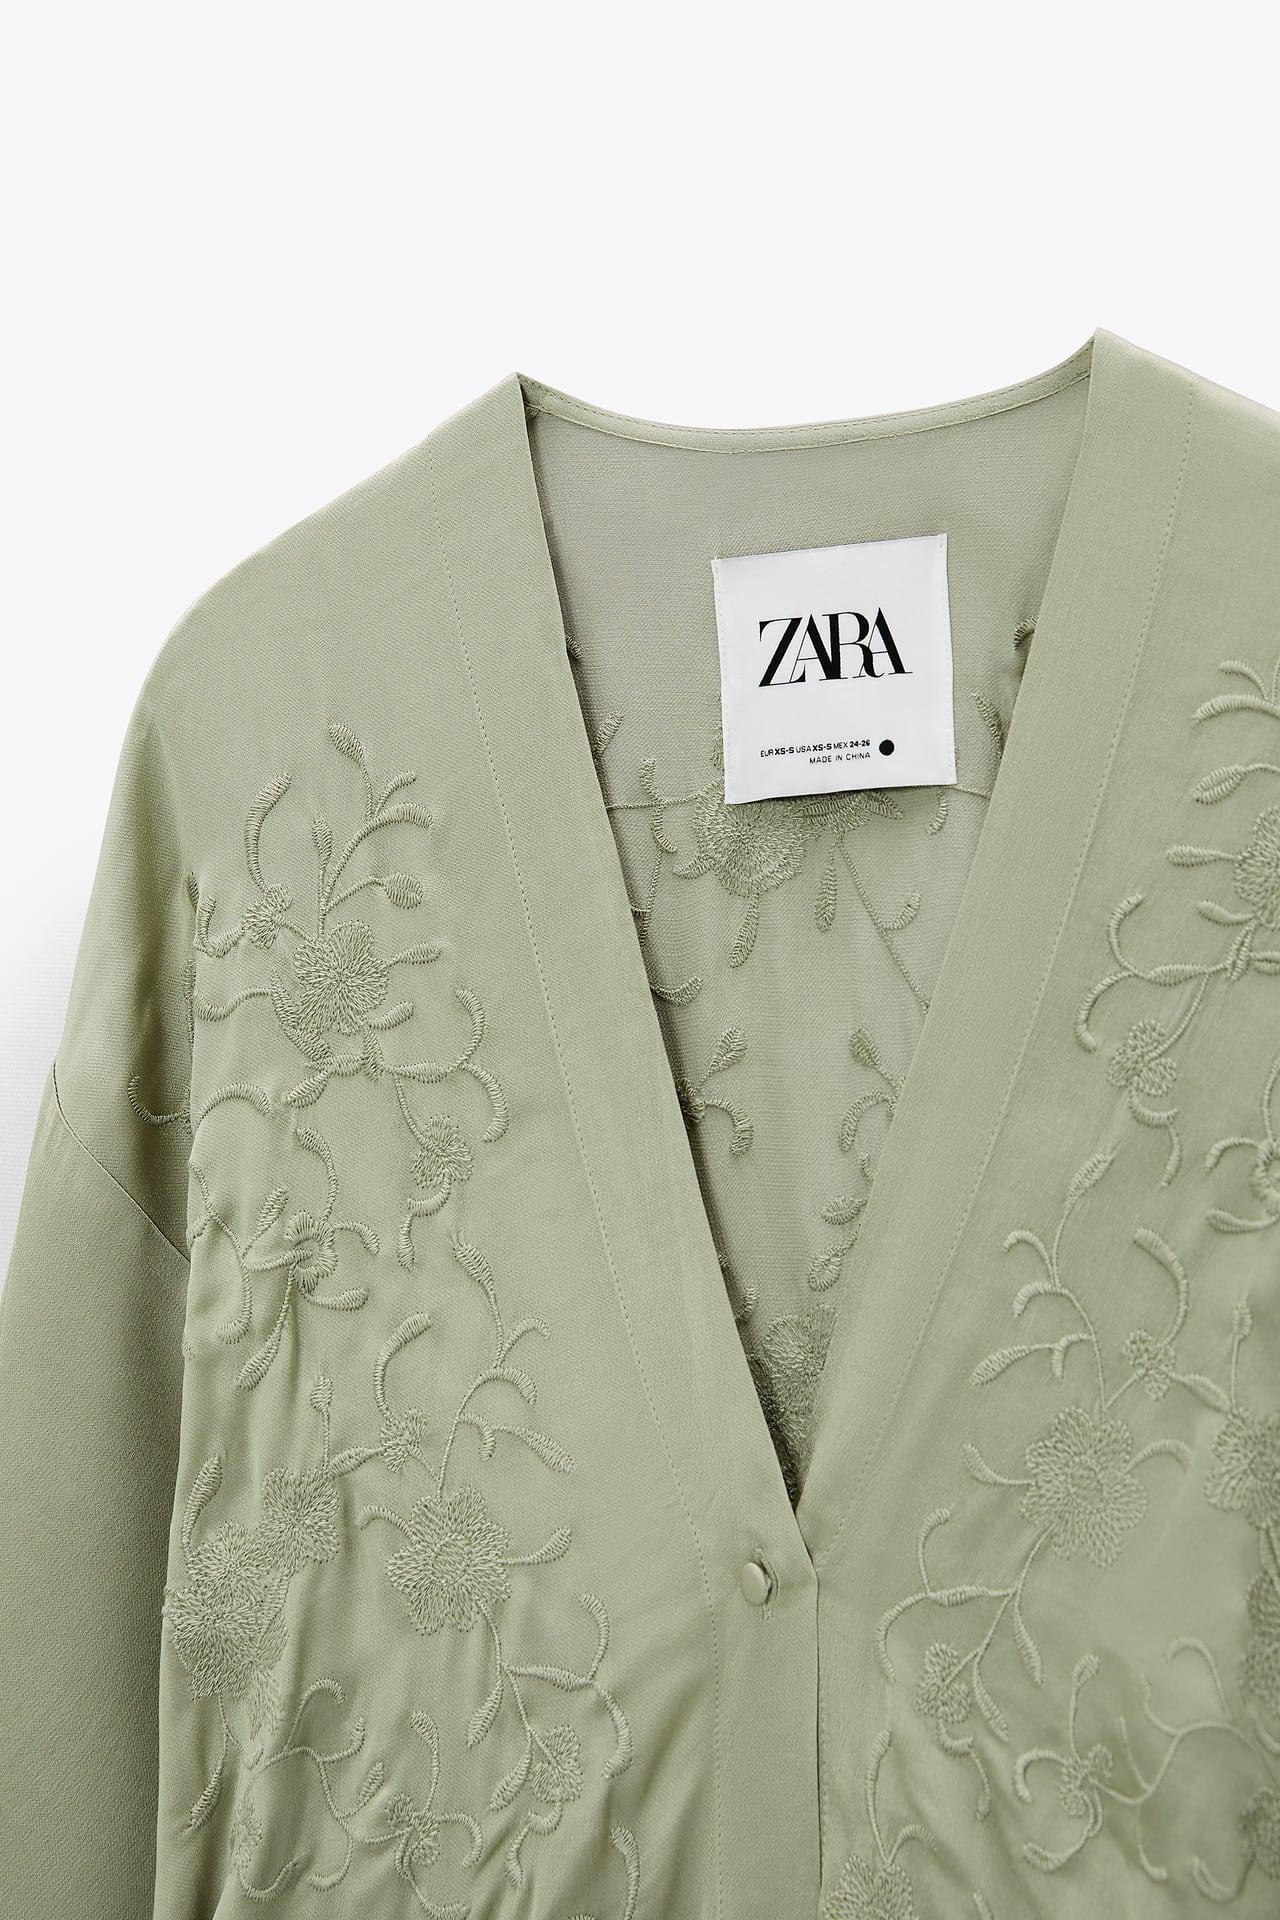 Este es el kimono bordado a mano de Zara que llevarás como vestido, camisa o chaqueta